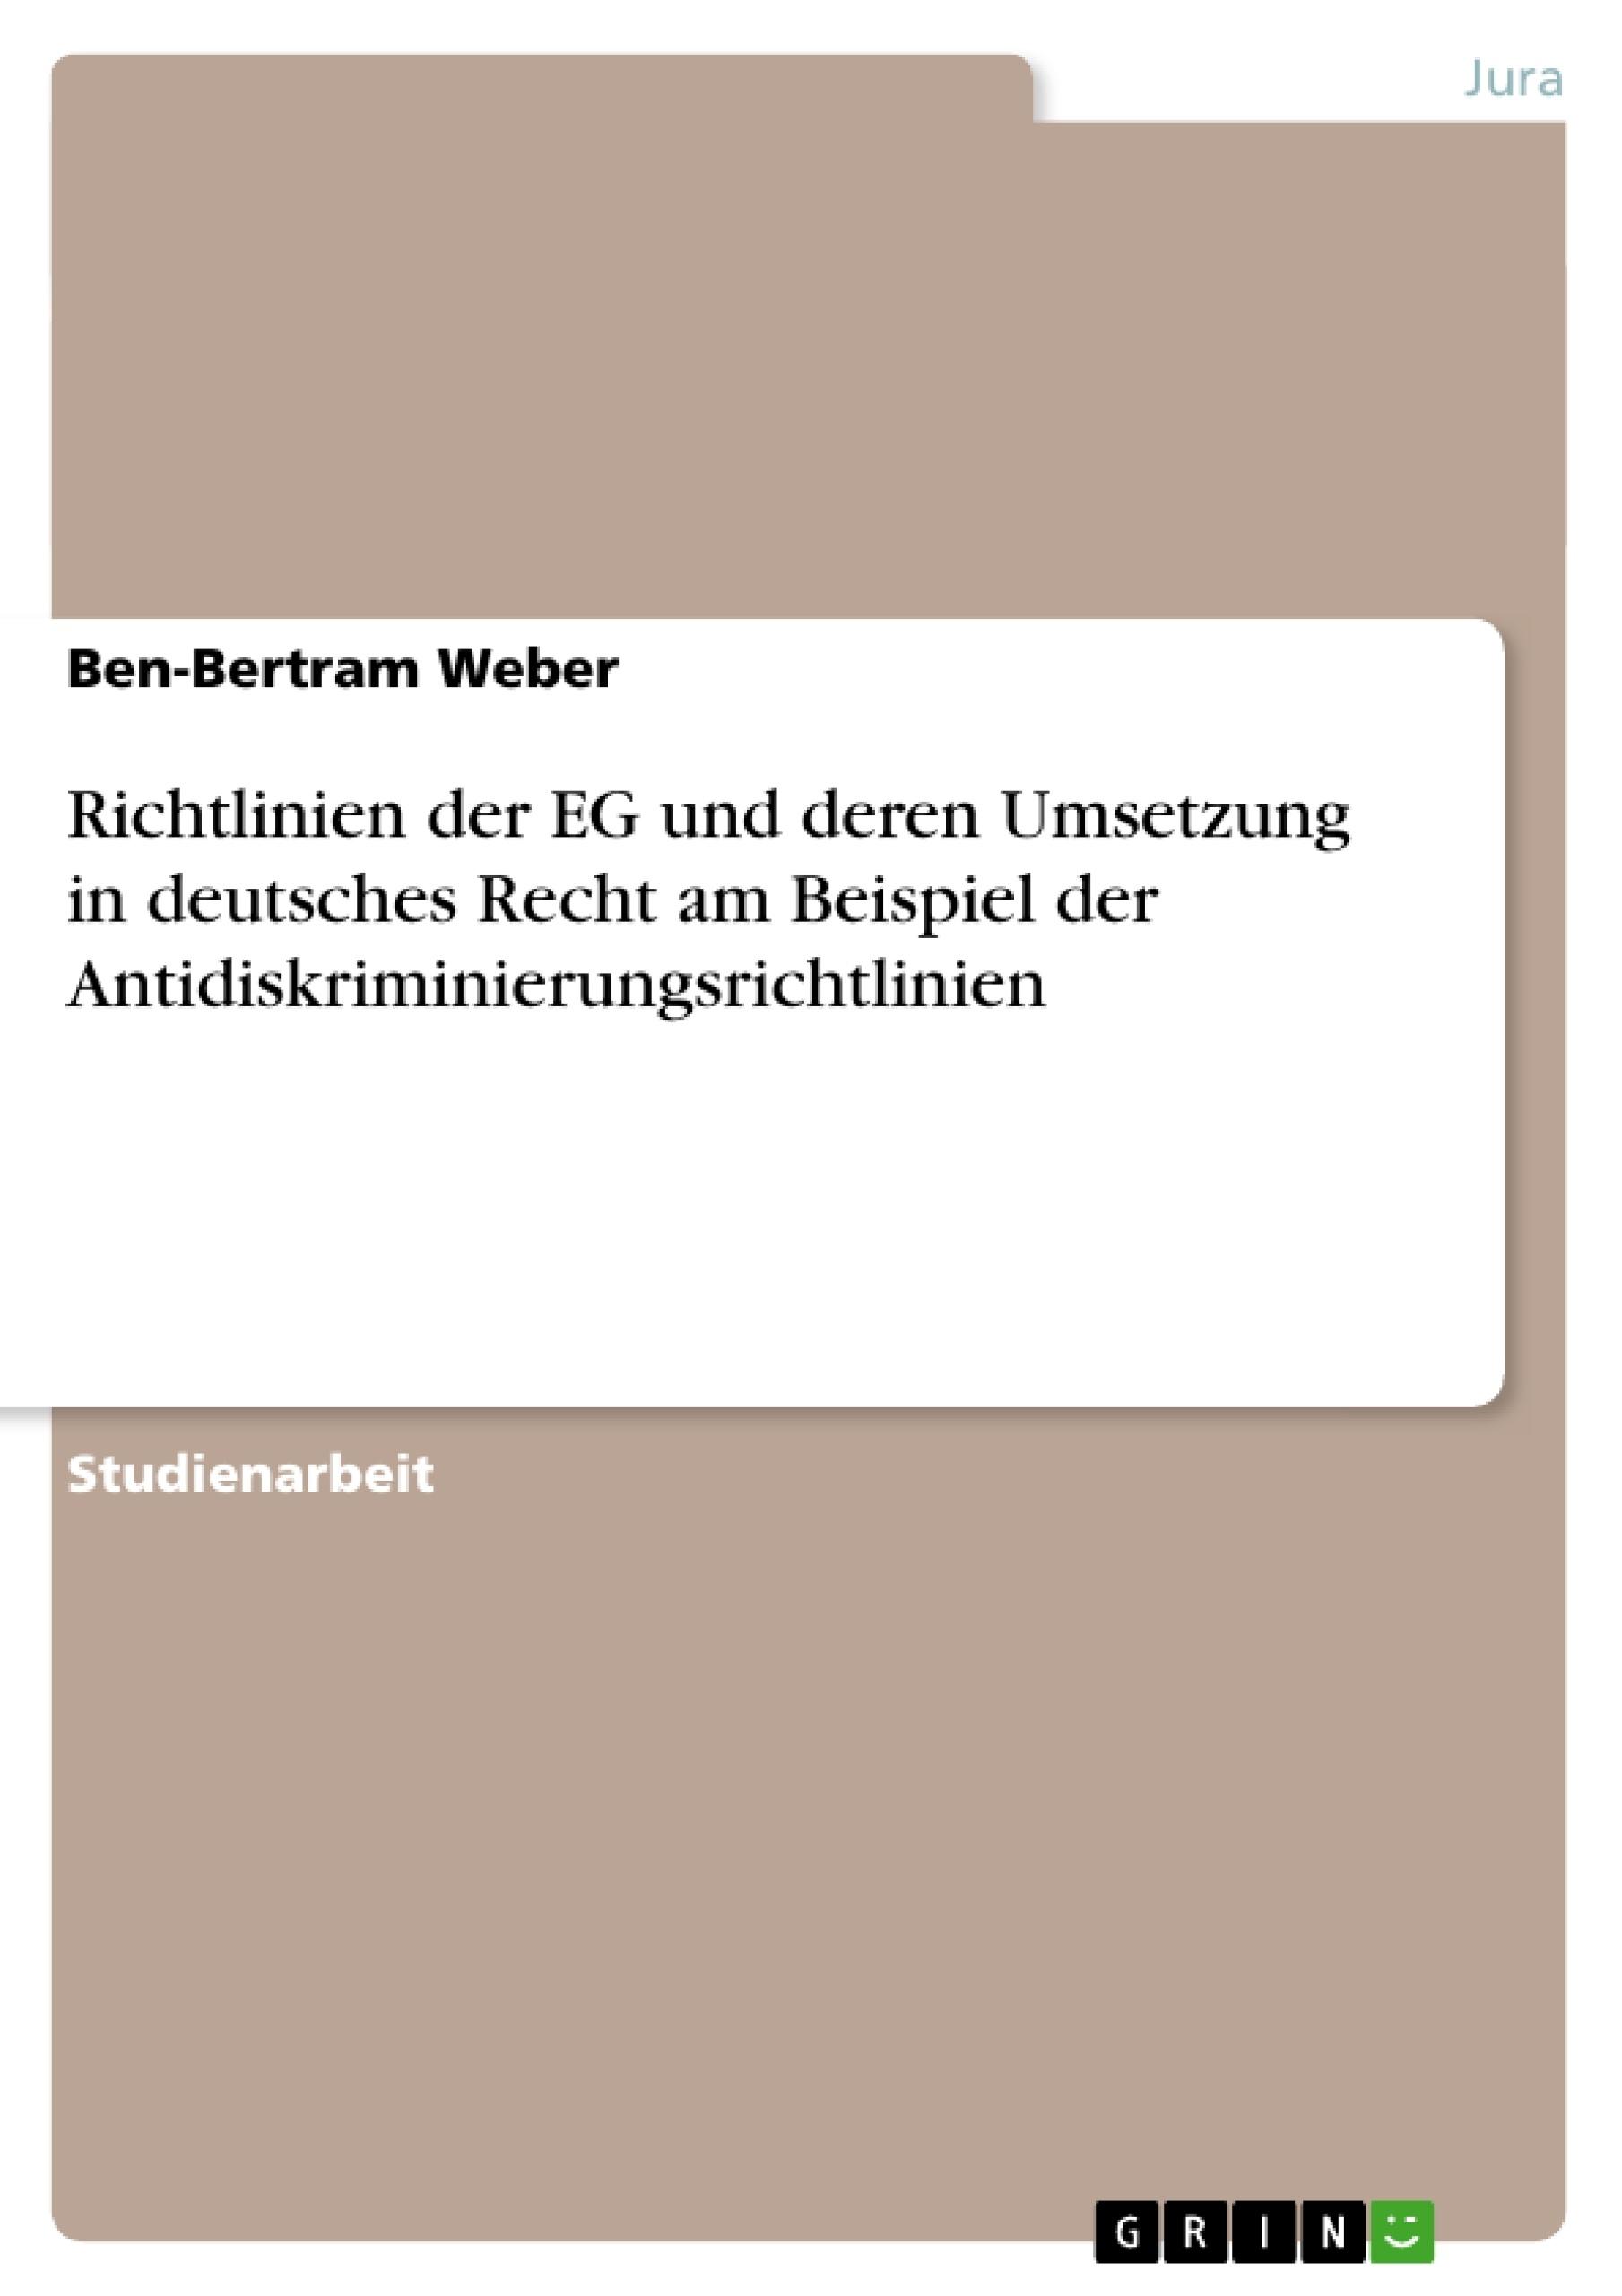 Titel: Richtlinien der EG und deren Umsetzung in deutsches Recht am Beispiel der Antidiskriminierungsrichtlinien